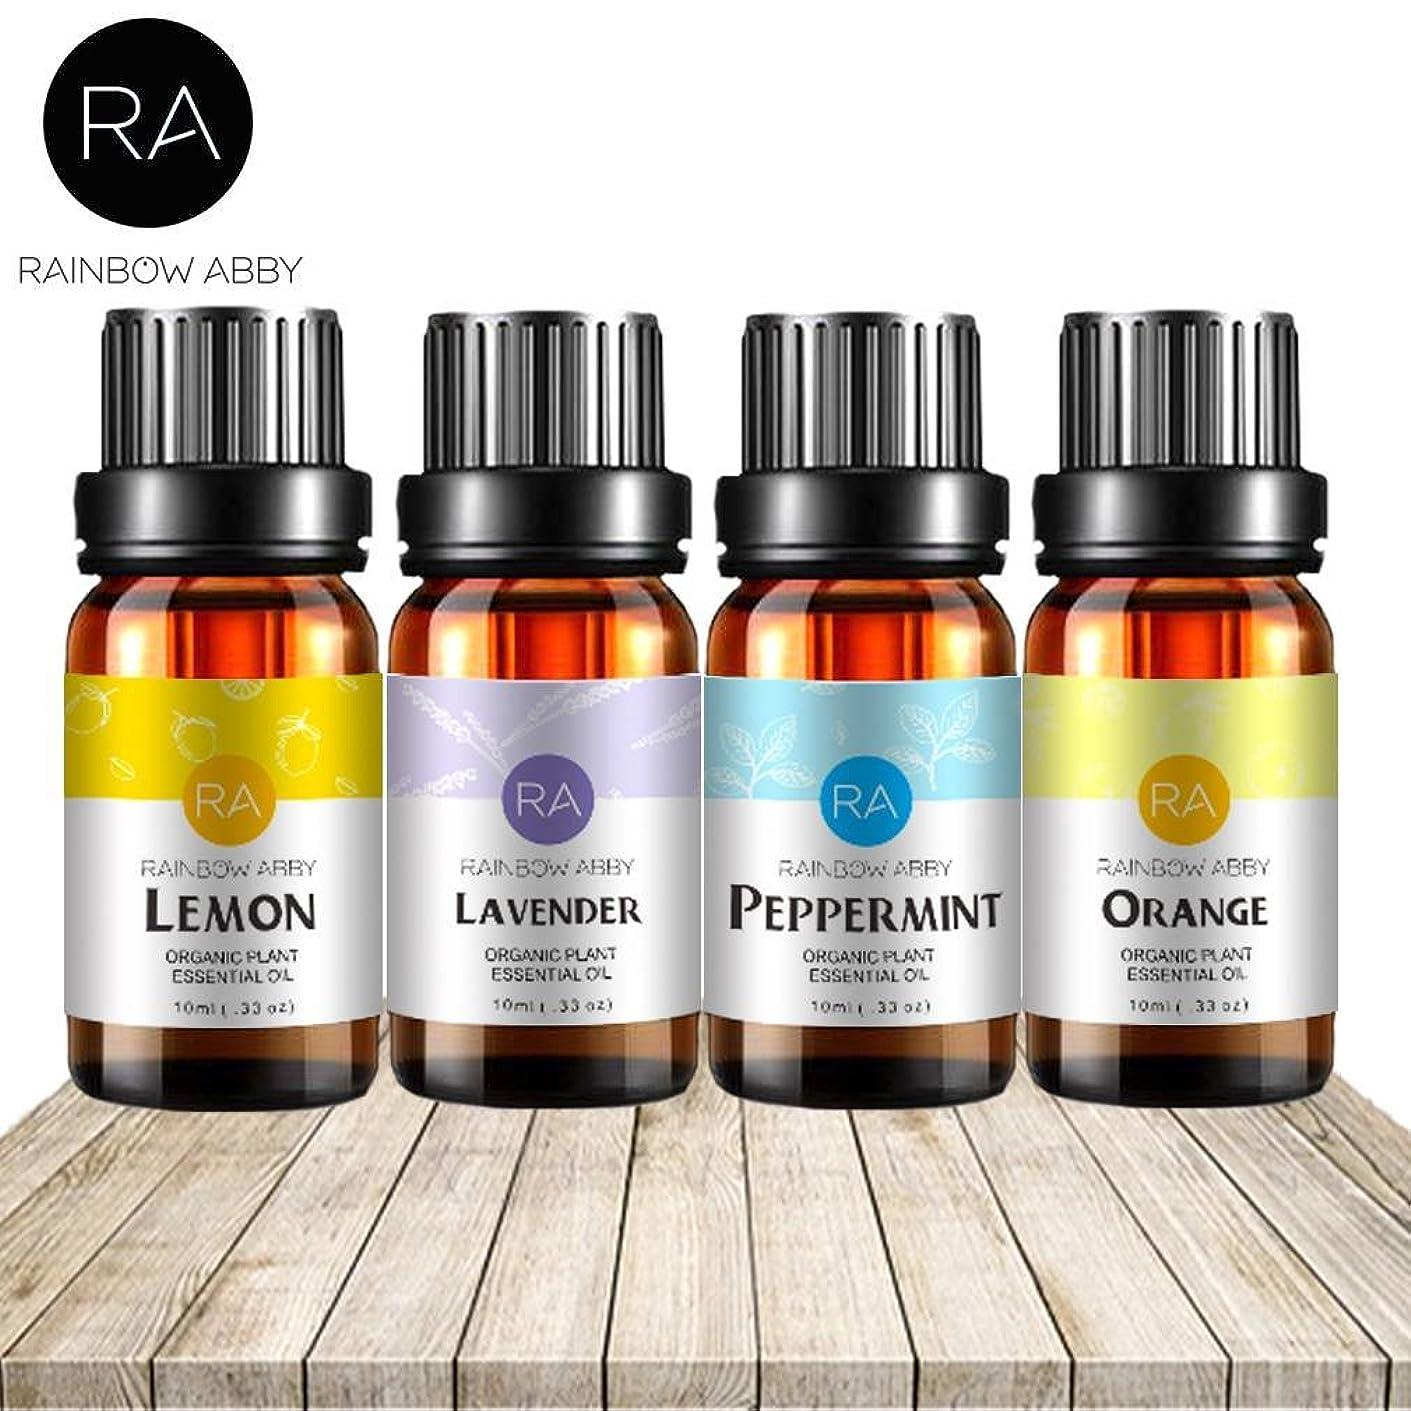 相反する実行可能きゅうりRAINBOW ABBY 4パック ベスト セラピー グレード エッセンシャル オイル:ラベンダー、レモン、ペパーミント、スウィートオレンジ